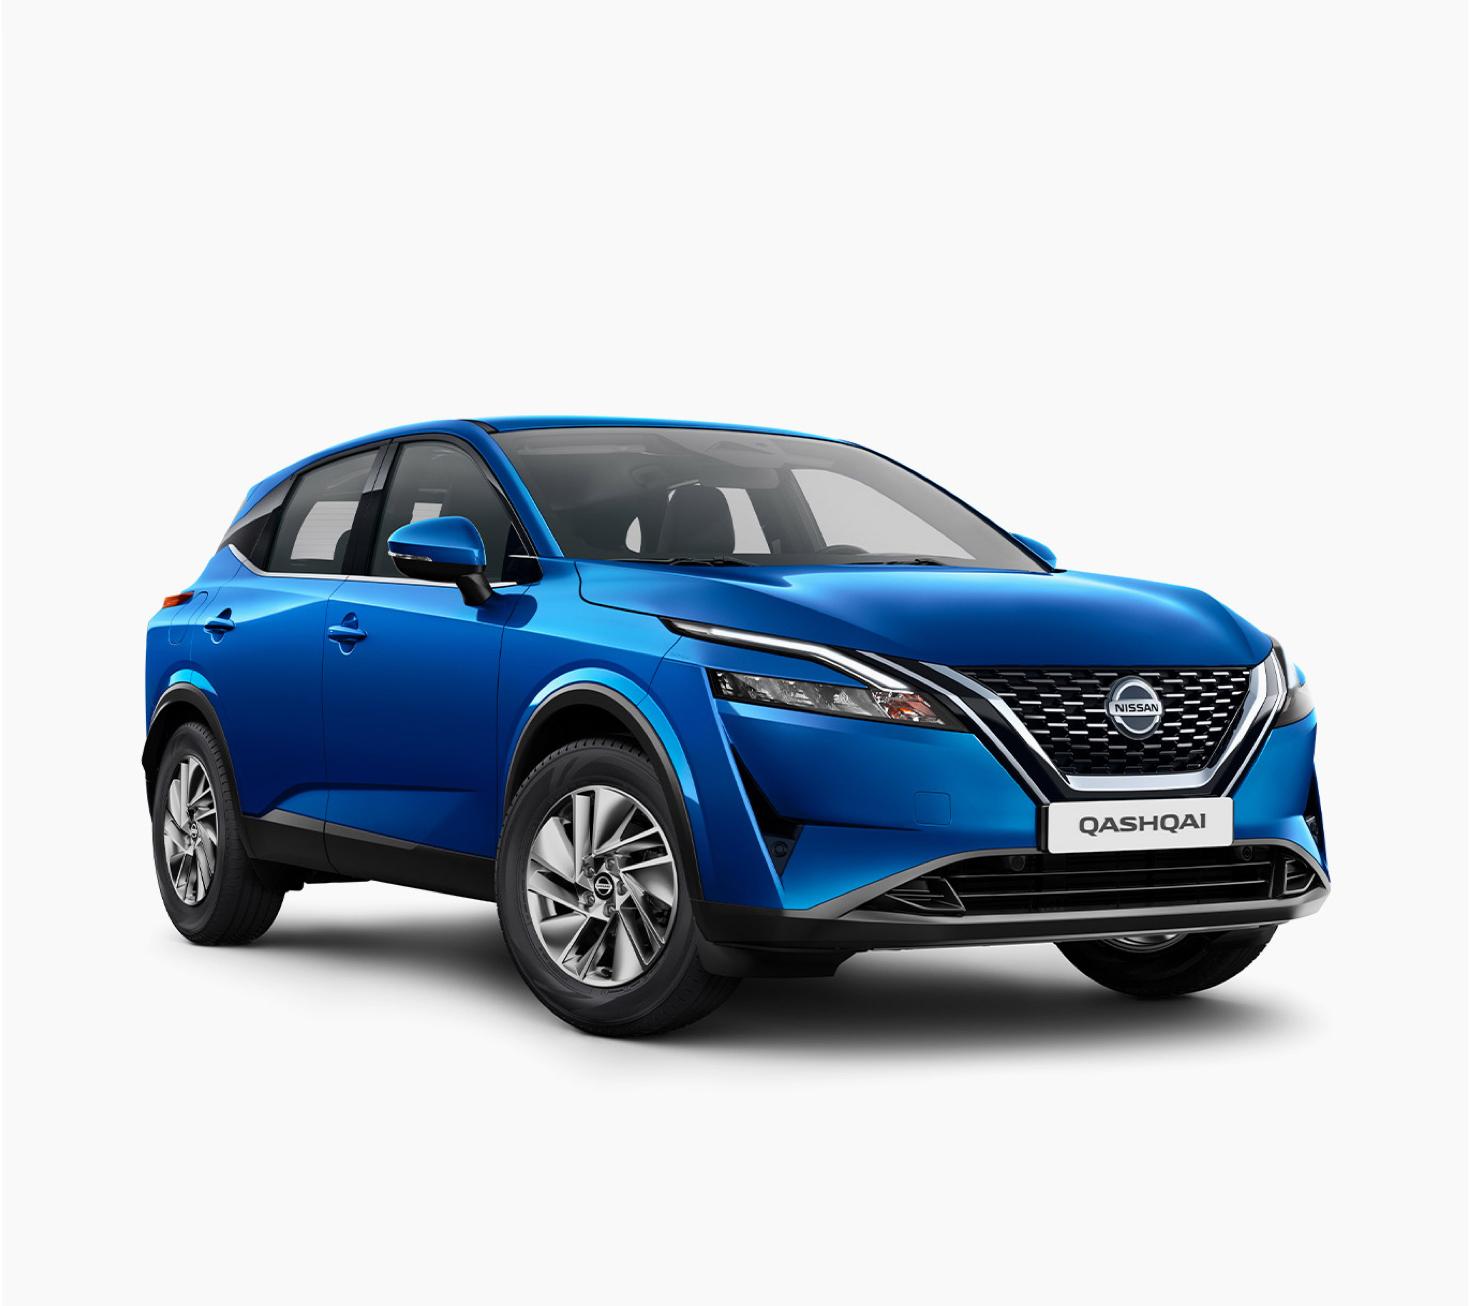 All-New Nissan Qashqai 1.3 DiG-T Acenta Premium 5dr